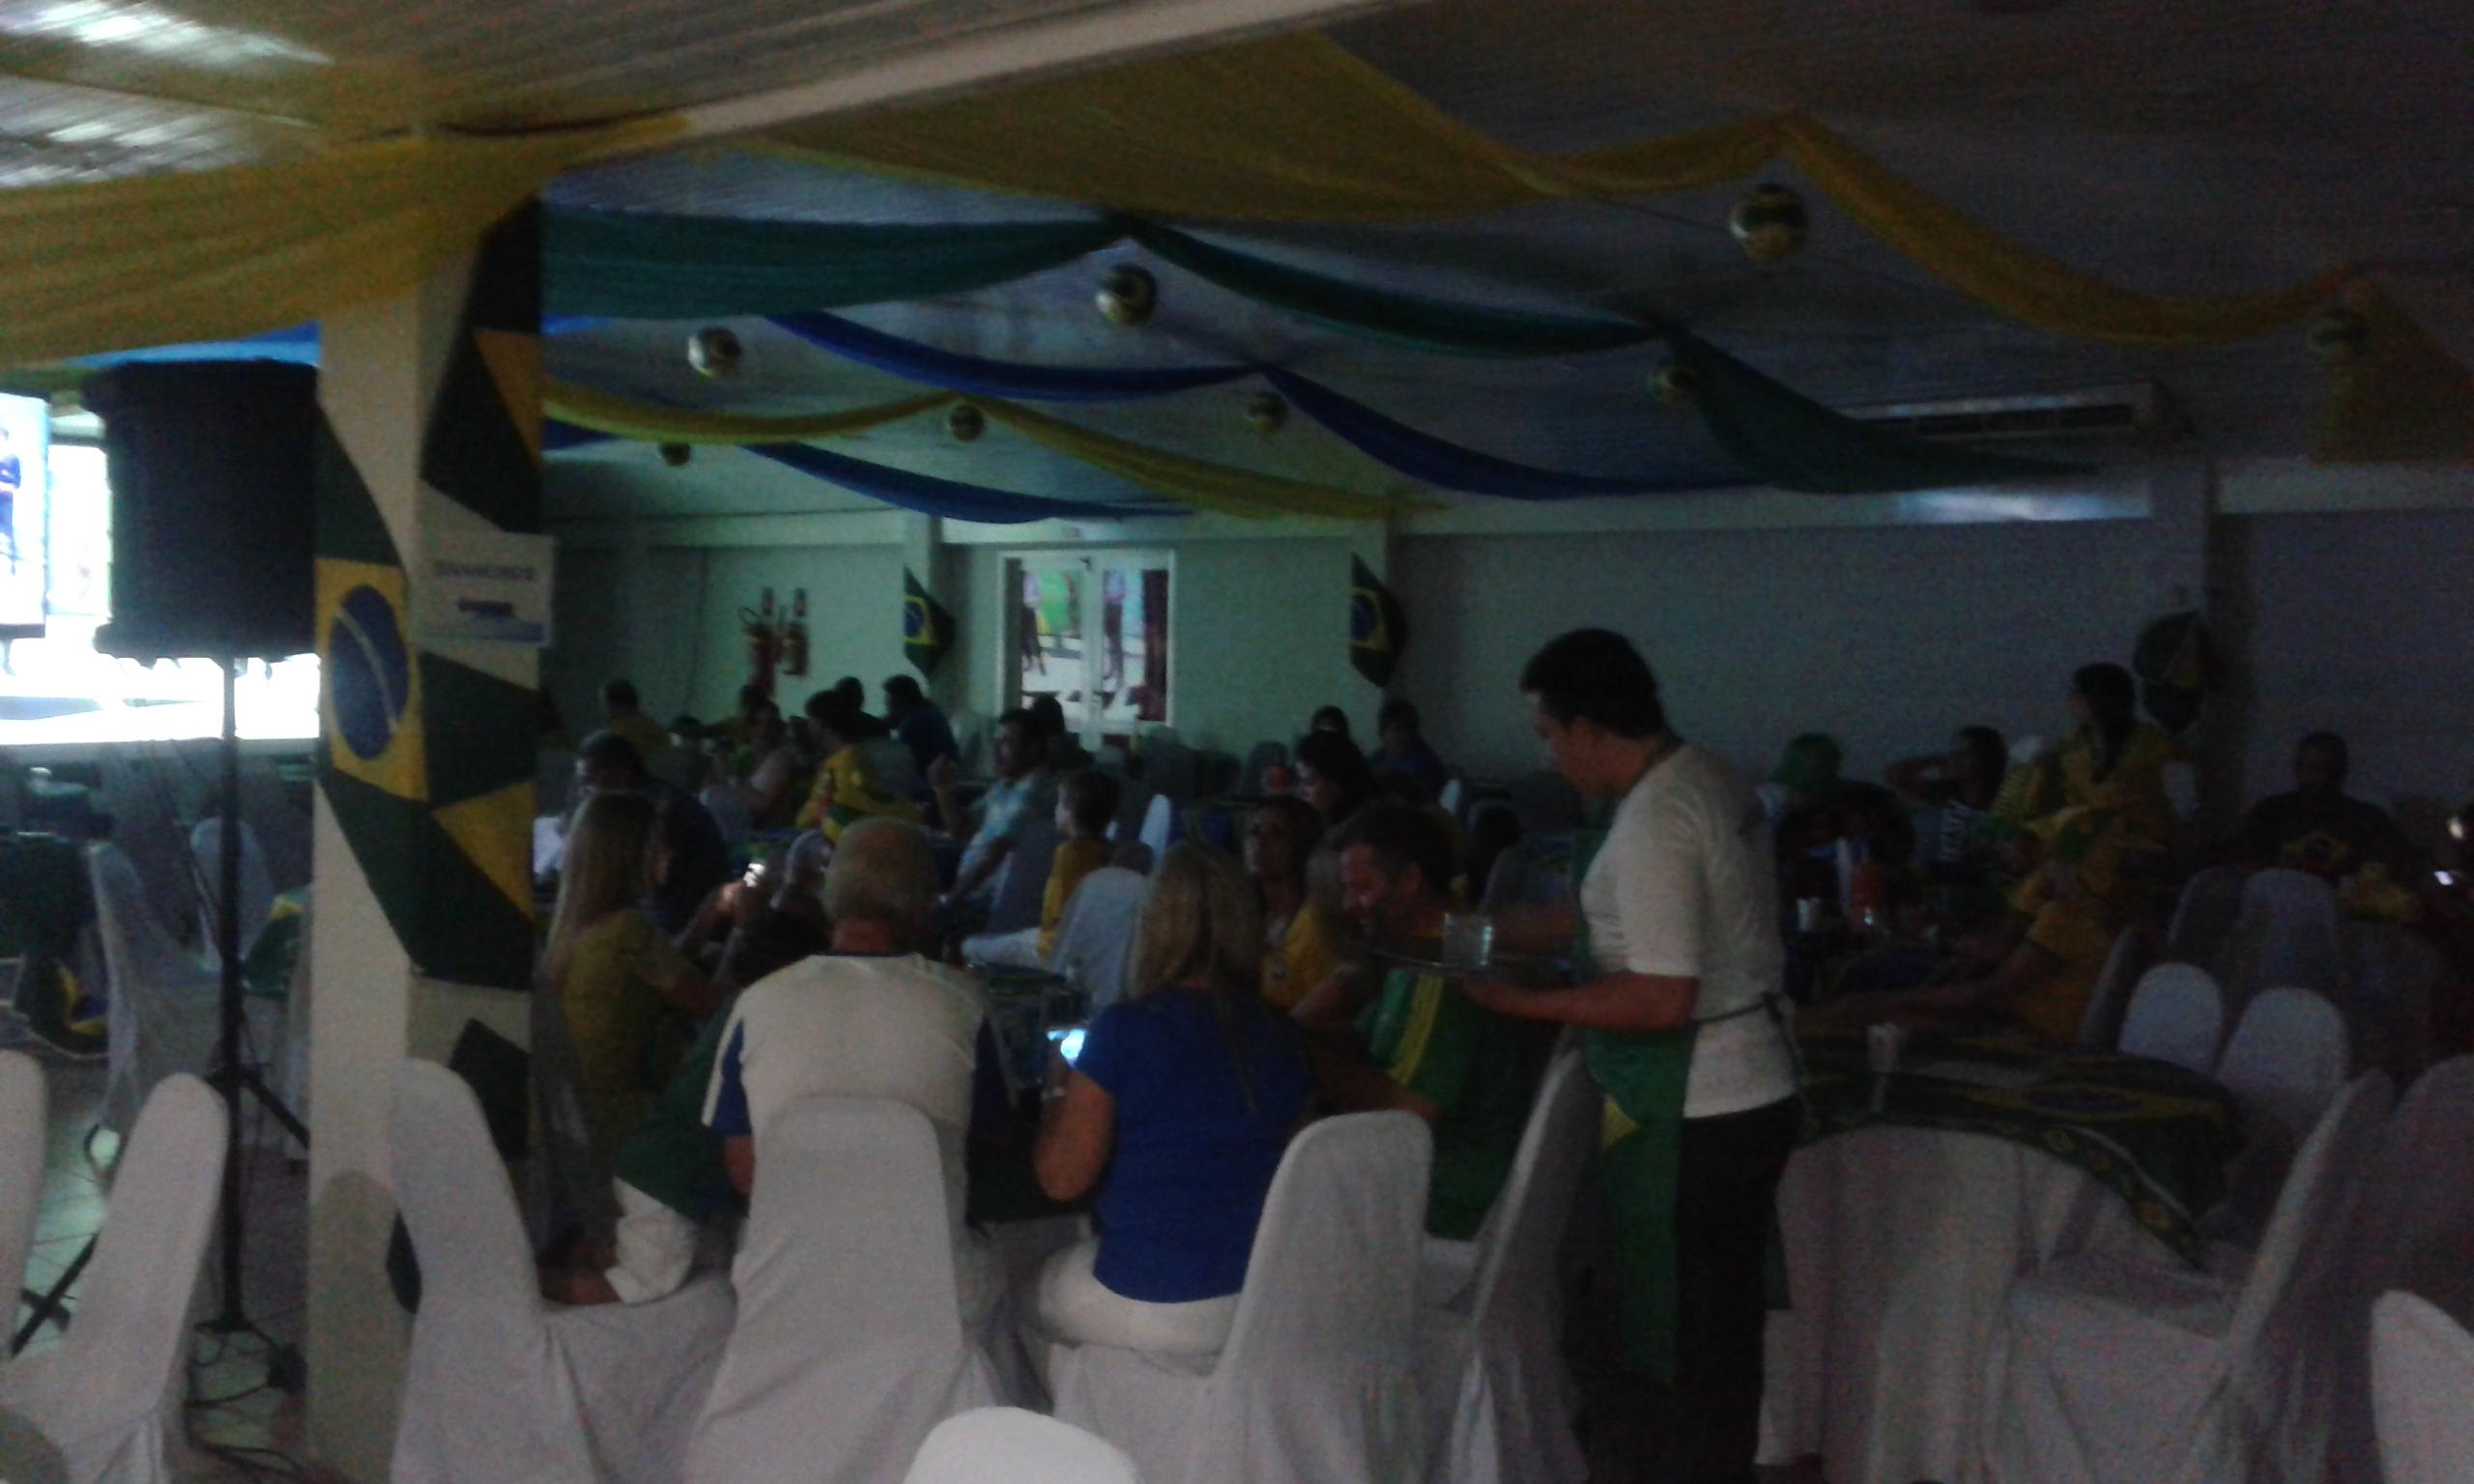 Les supporters décontractés au salon Thermas dans la finale de la mi-temps. (Crédit photo: Fabio Santana).